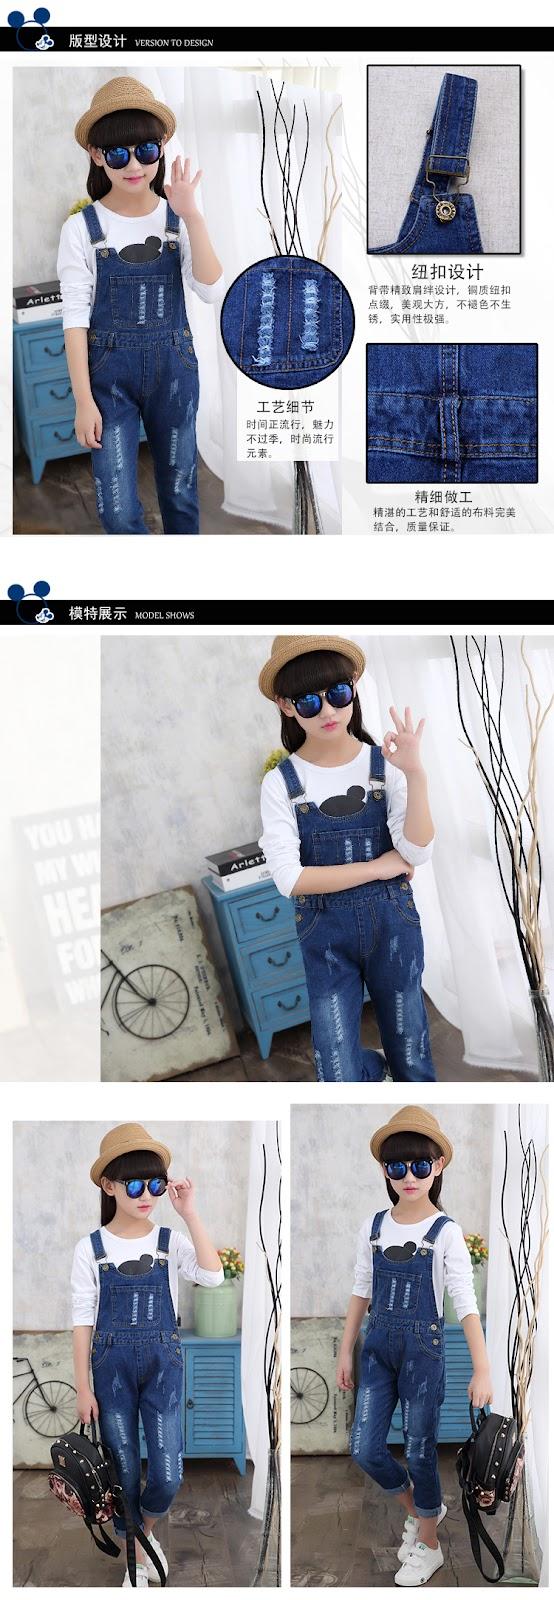 Spodnie ogrodniczki dla dziewczynek - spodnie z szelkami dla dziewczynek